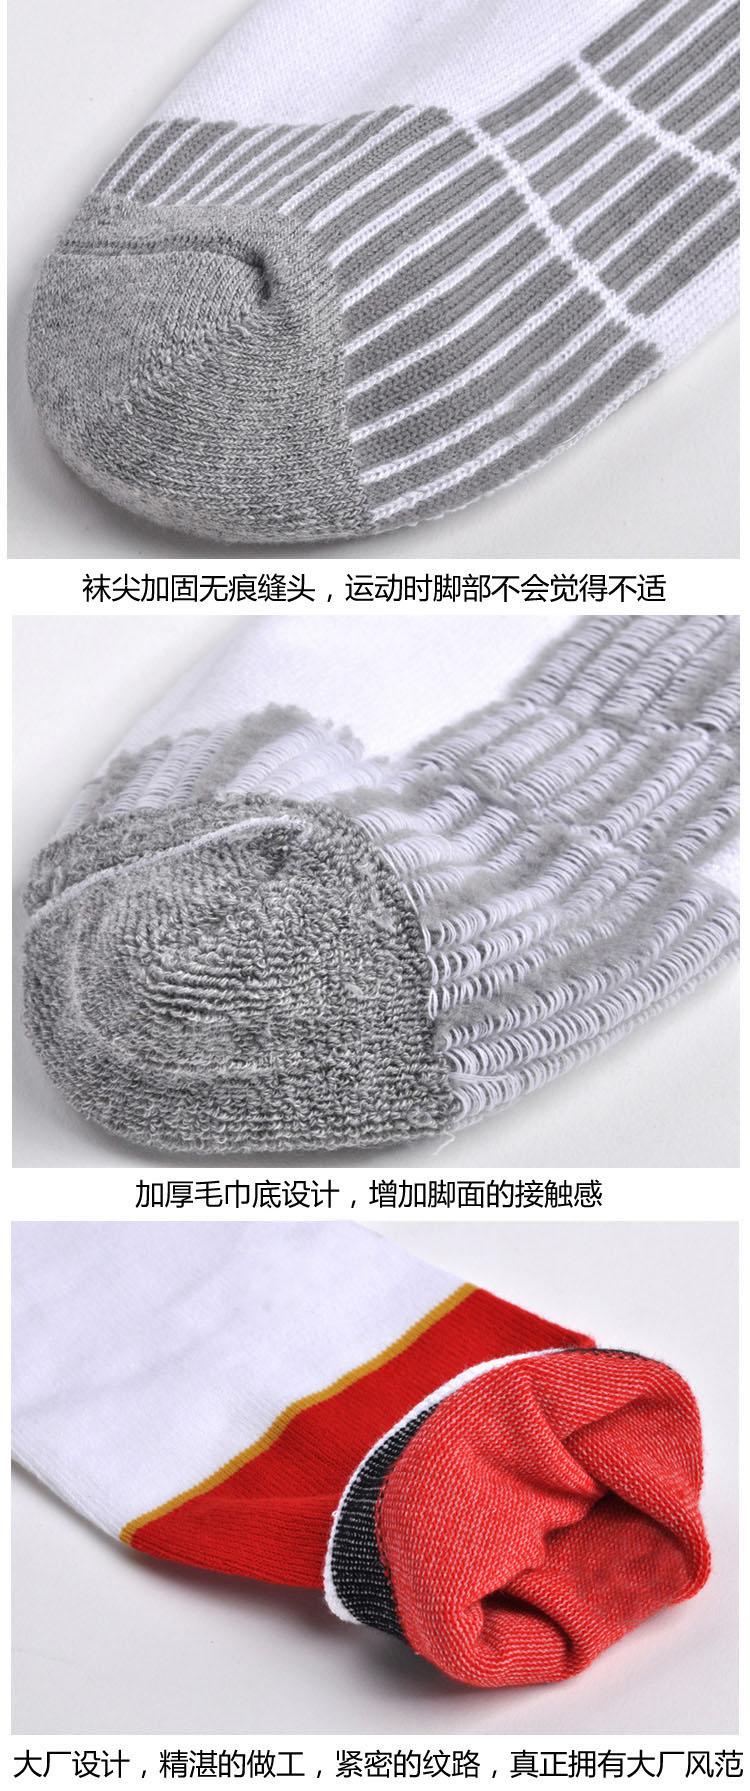 men football socks high quality 100 cotton antiskid soccer socks detail 6